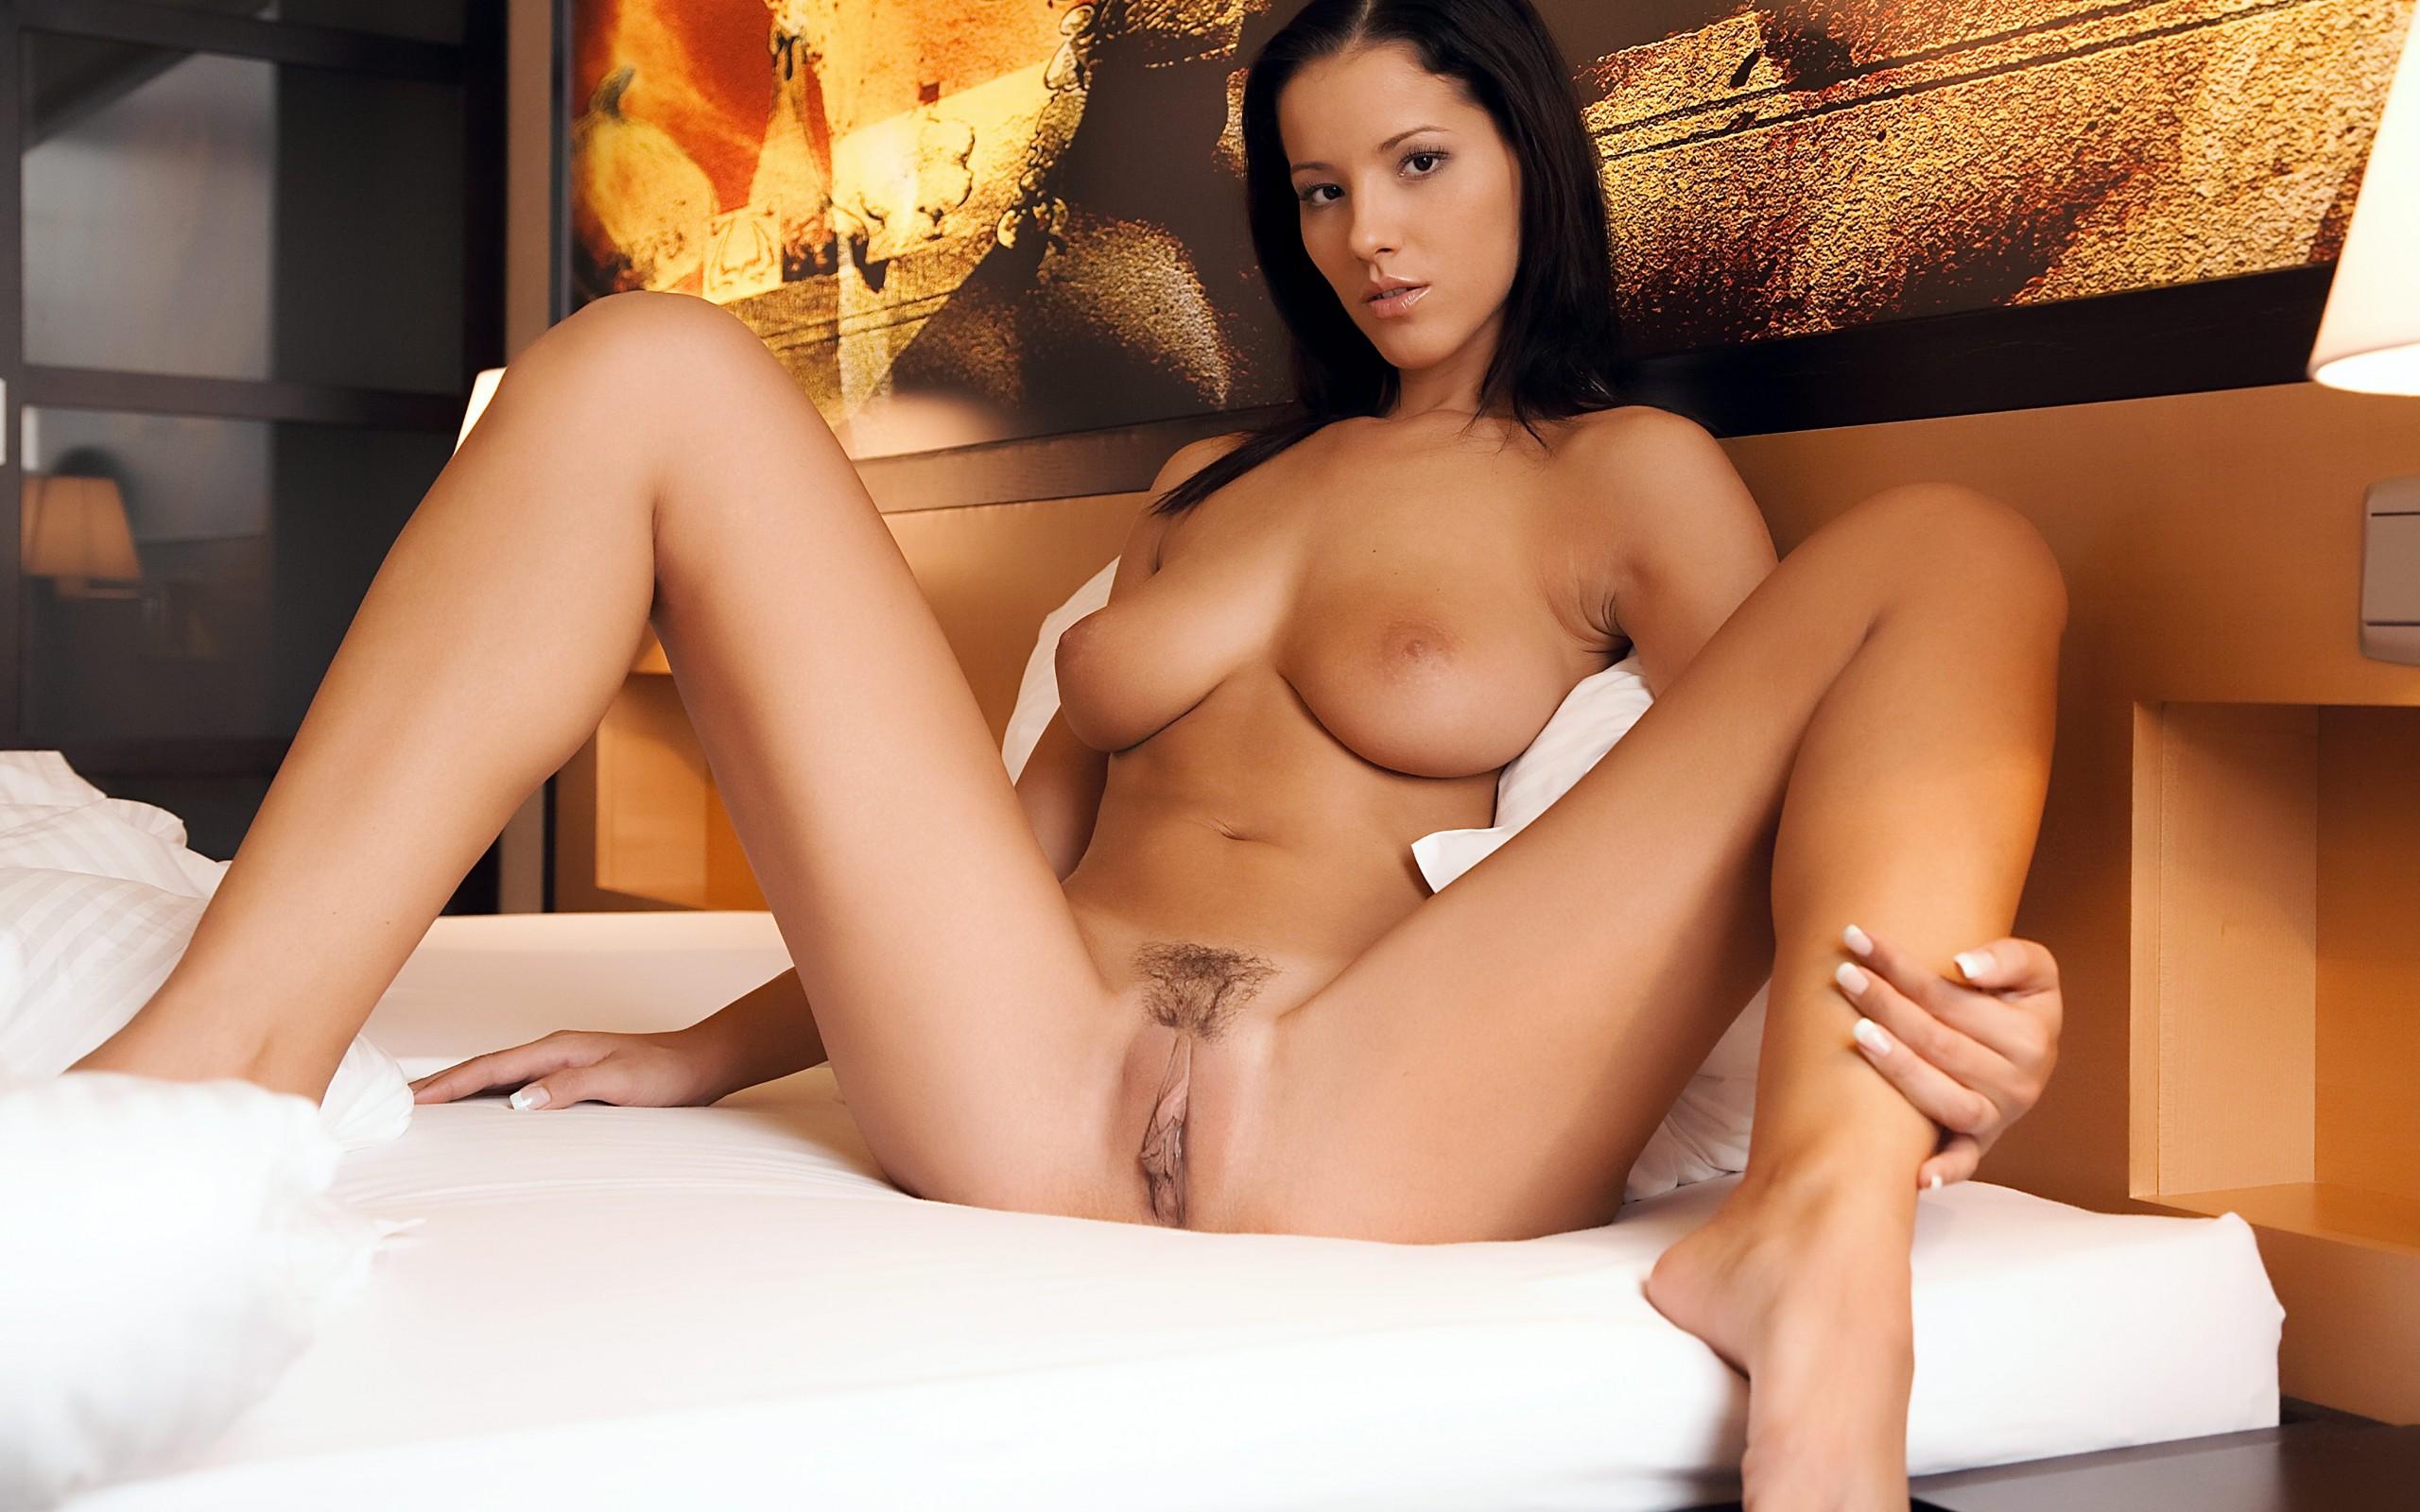 Фото голых с порно, Эро Пикс Порно Фото, Секс и Порно Фотки бесплано 17 фотография